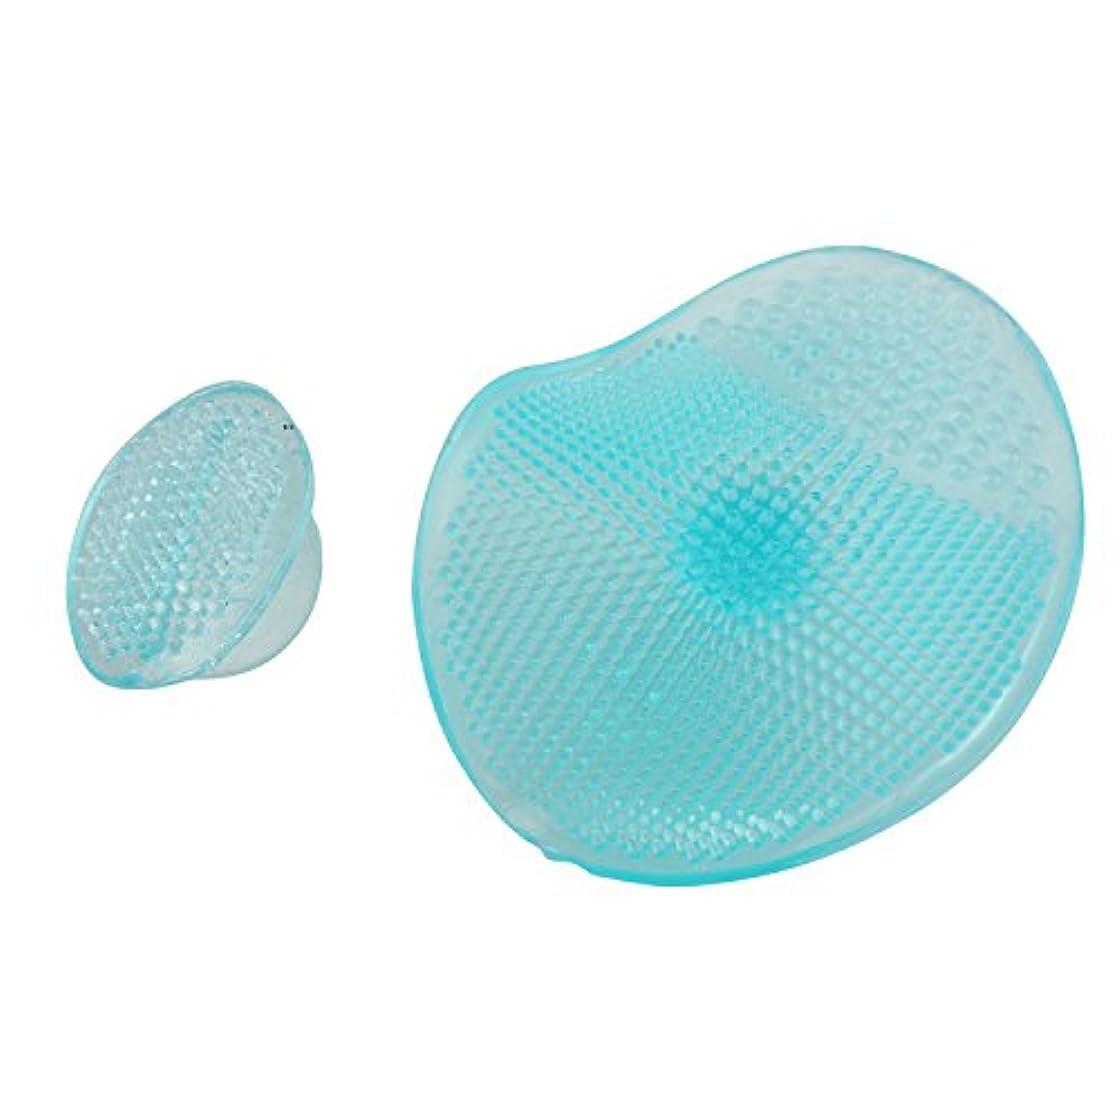 決してドア繊毛ACAMPTAR 洗顔エクスフォリエイティングブラシ クリーニングパッド フェイシャルSPAスキンスクラブ クレンザーツール